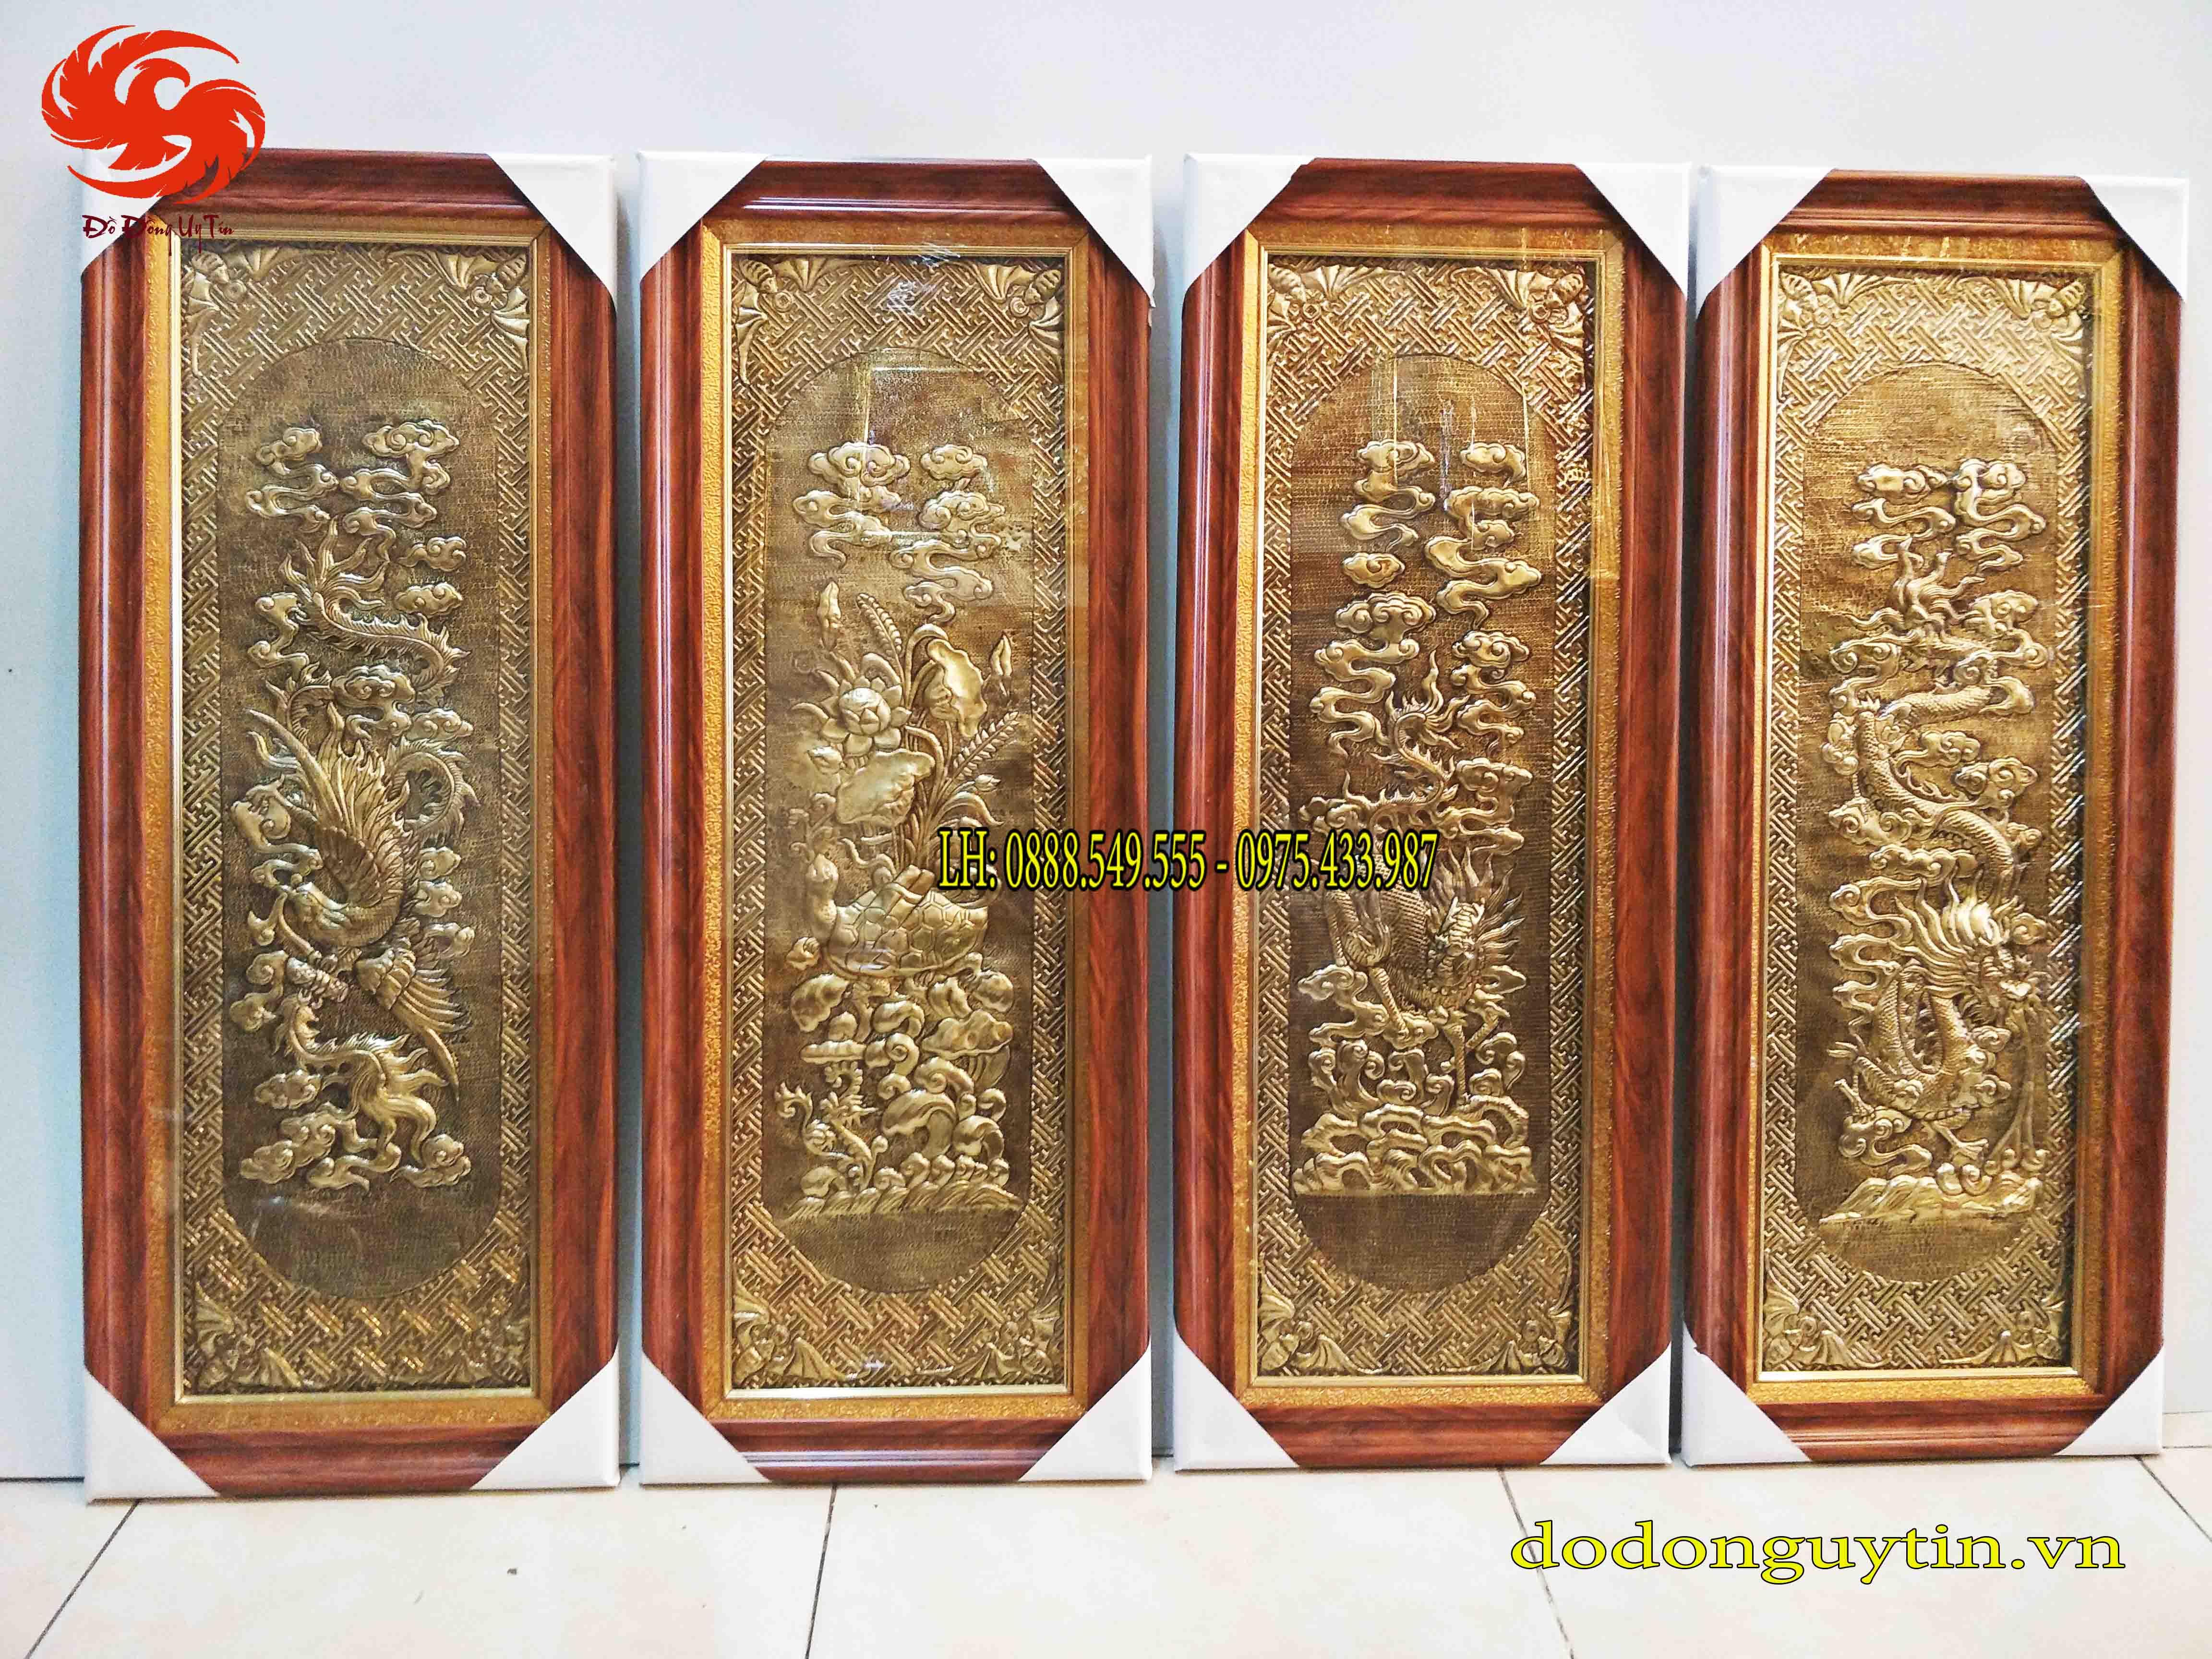 Bộ tranh đồng tứ quý đồng vàng - Đồ đồng Hoài Ánh